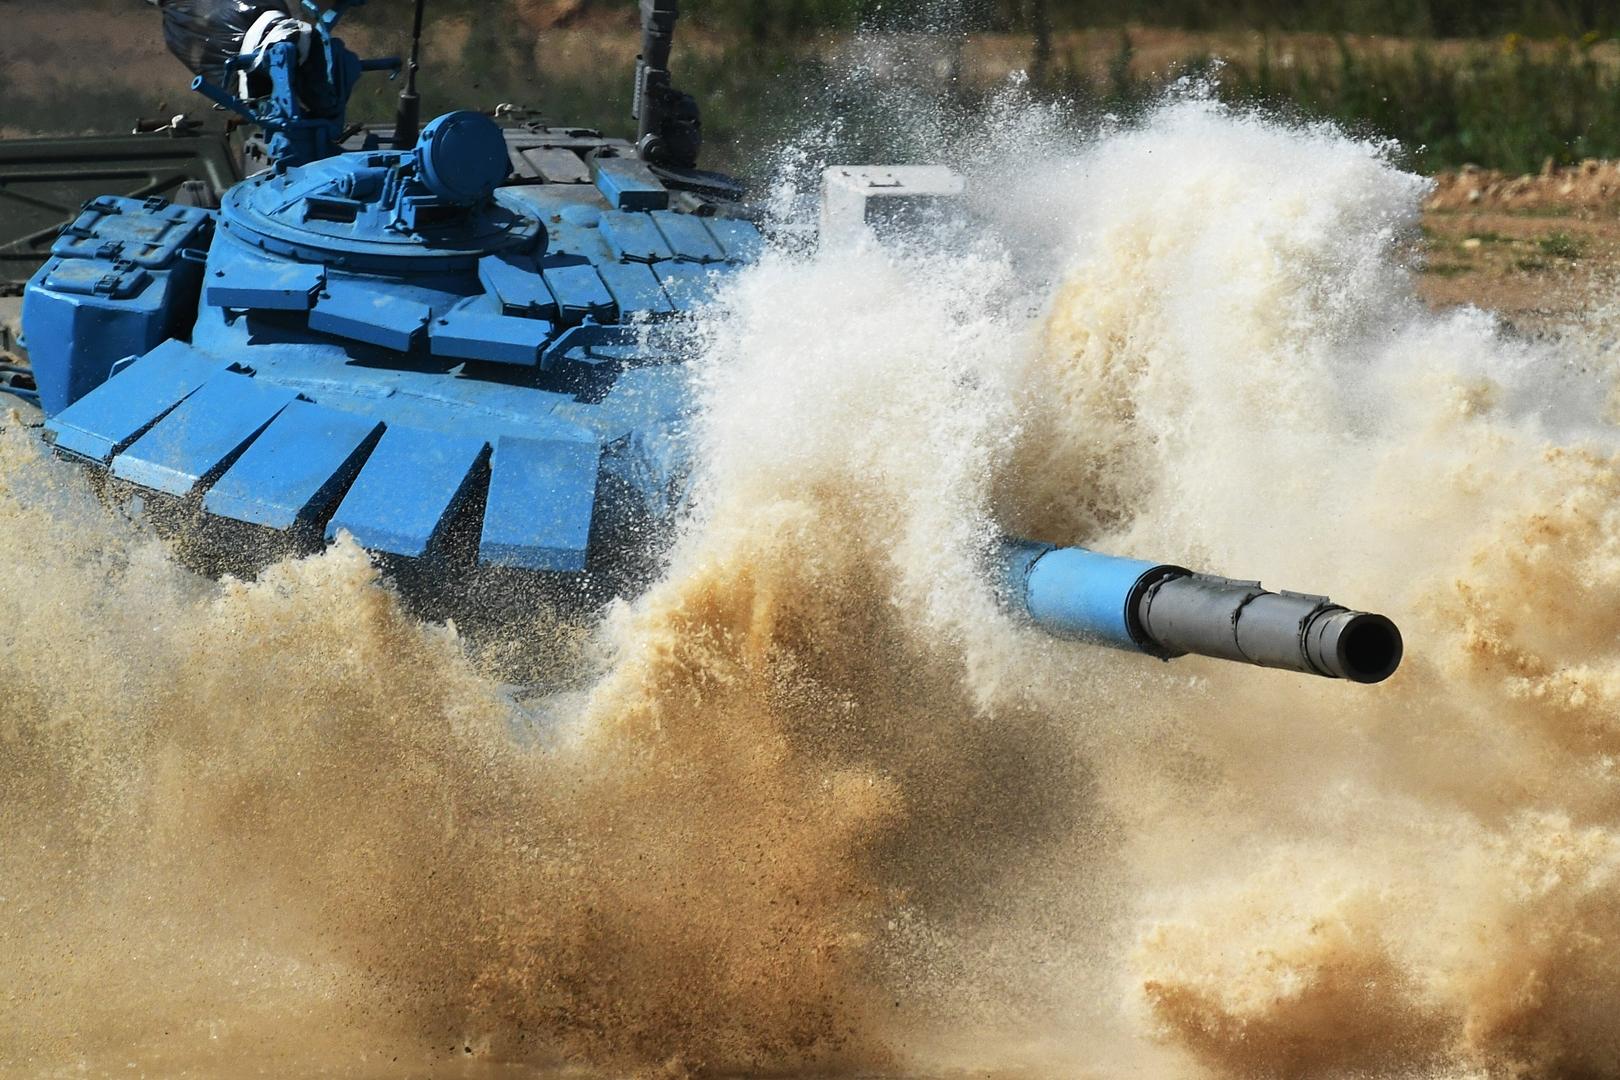 اليوم الثاني من بياتلون الدبابات ضمن ألعاب